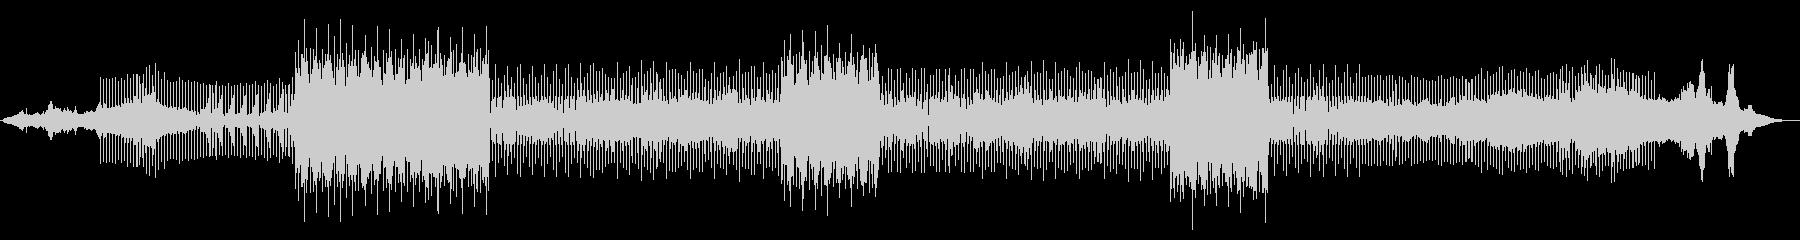 電磁波のようなクラブミュージックの未再生の波形